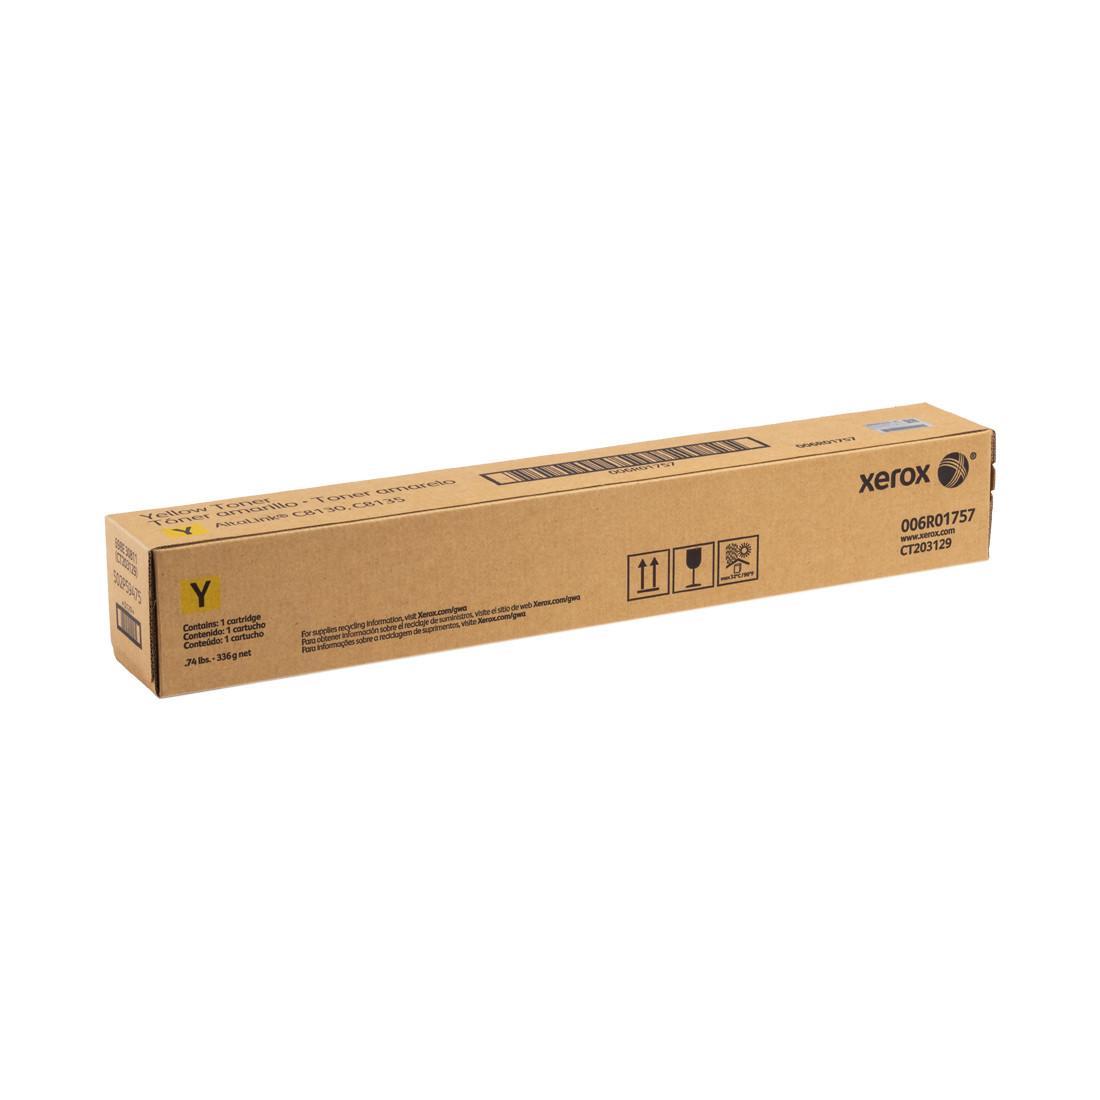 Тонер-картридж стандартной емкости Xerox 006R01757 (жёлтый)